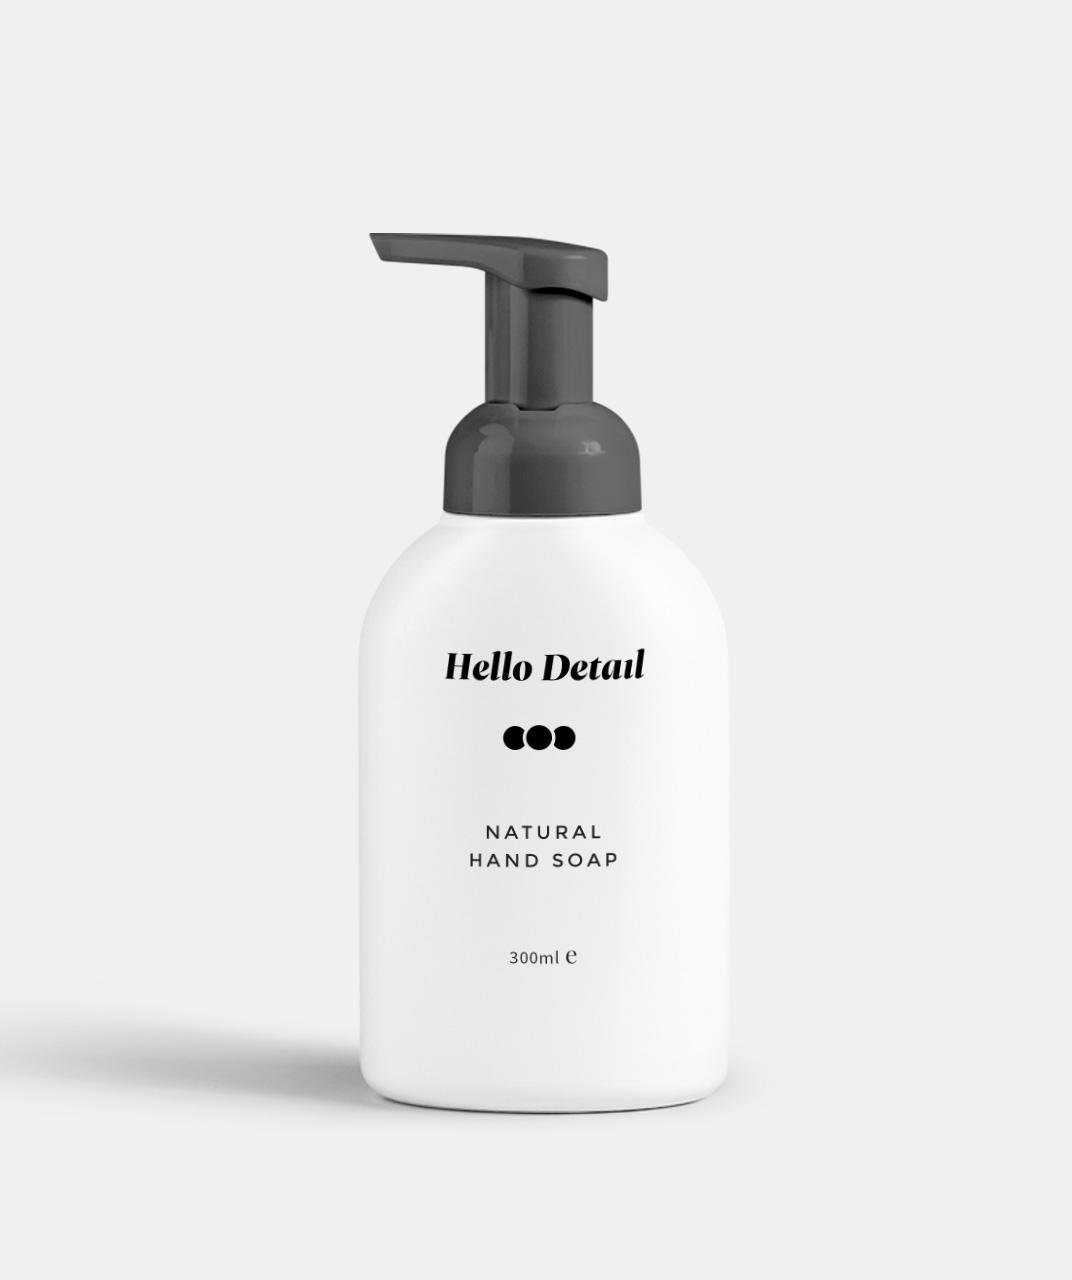 Natural hand soap